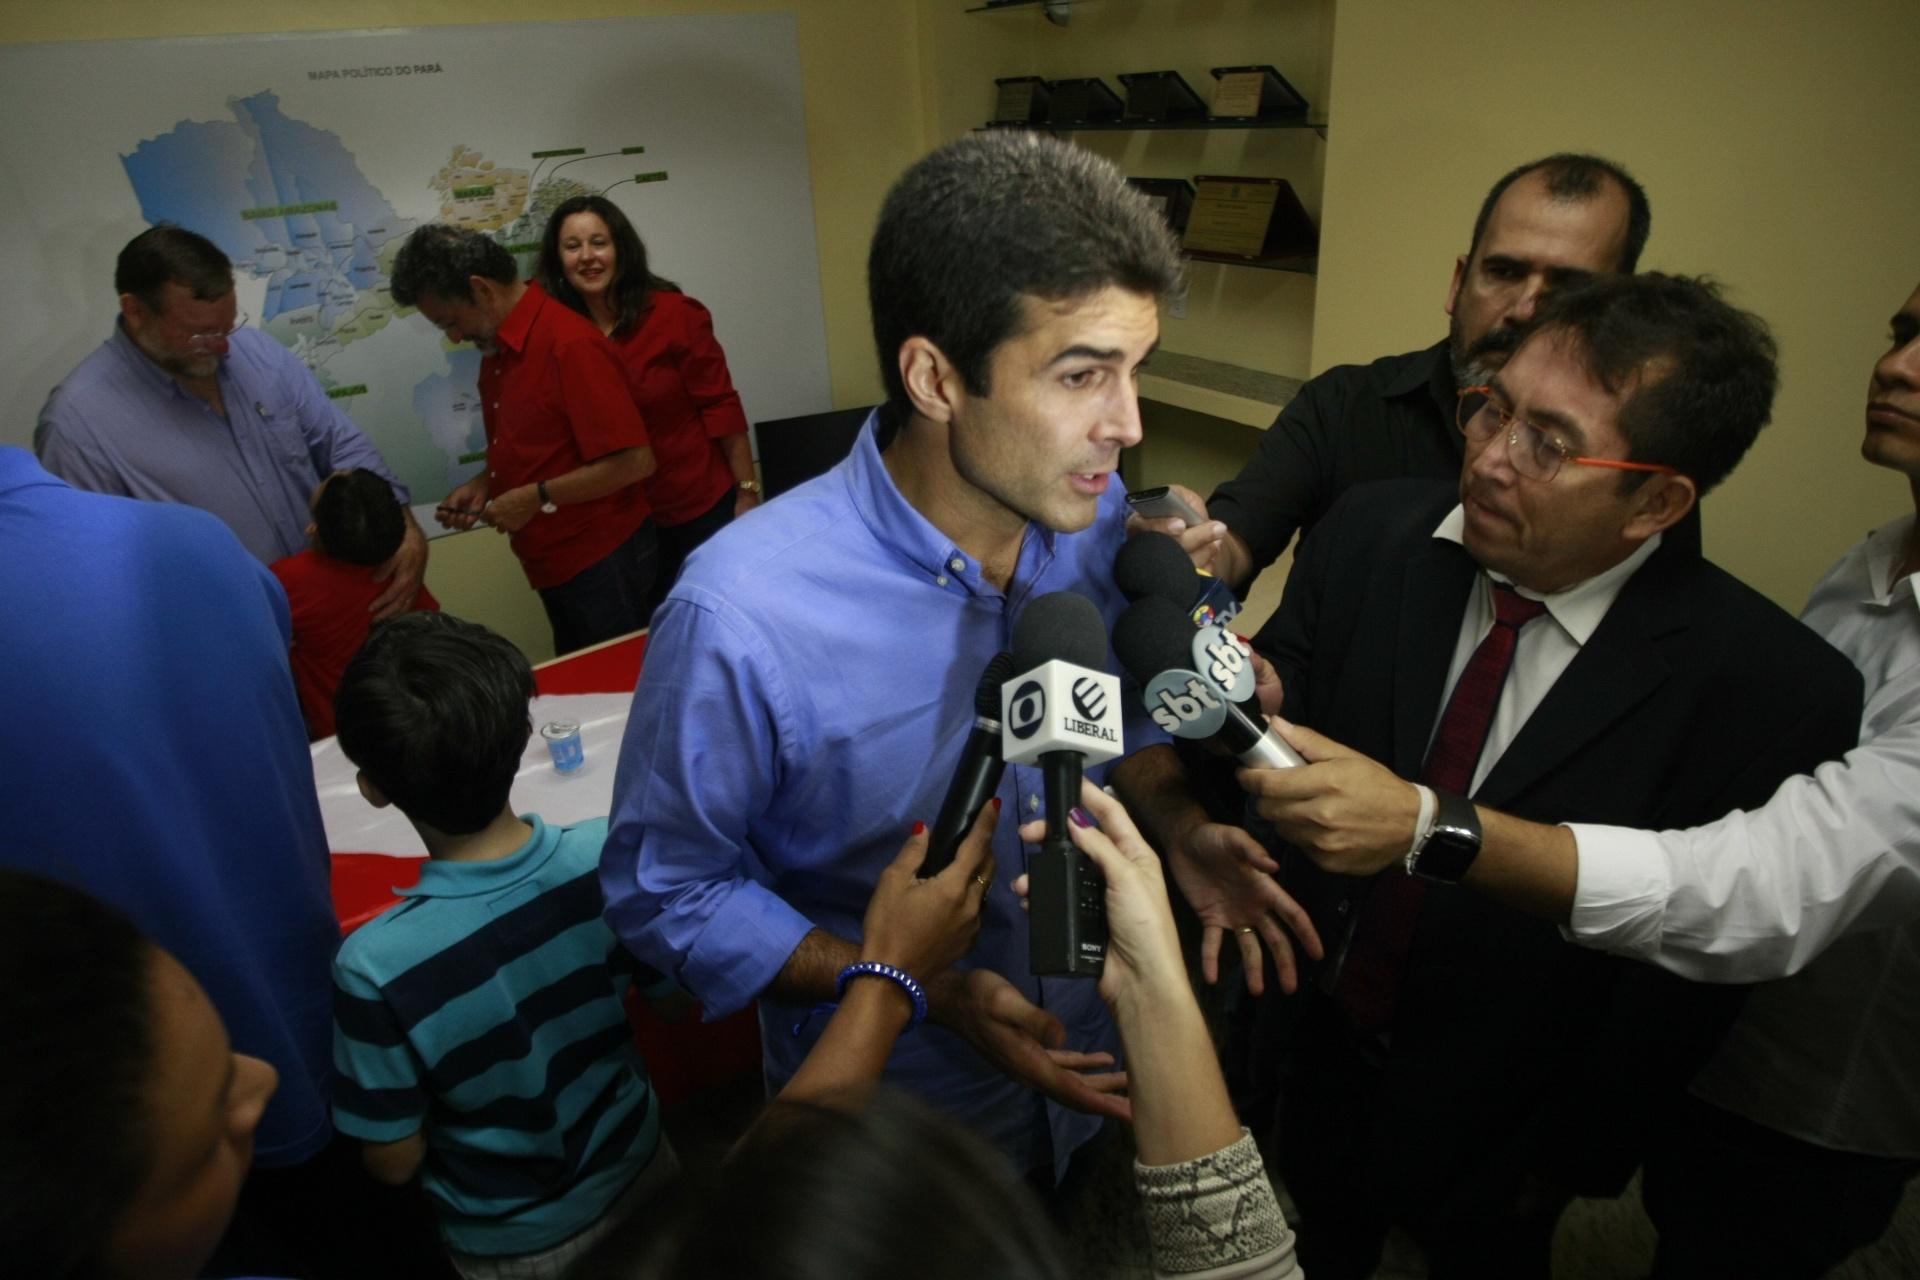 26.out.2014 - Candidato derrotado ao governo do Pará, Helder Barbalho (PMDB) concede entrevista após o resultado das eleições neste domingo. O governador Simão Jatene (PSDB) foi reeleito